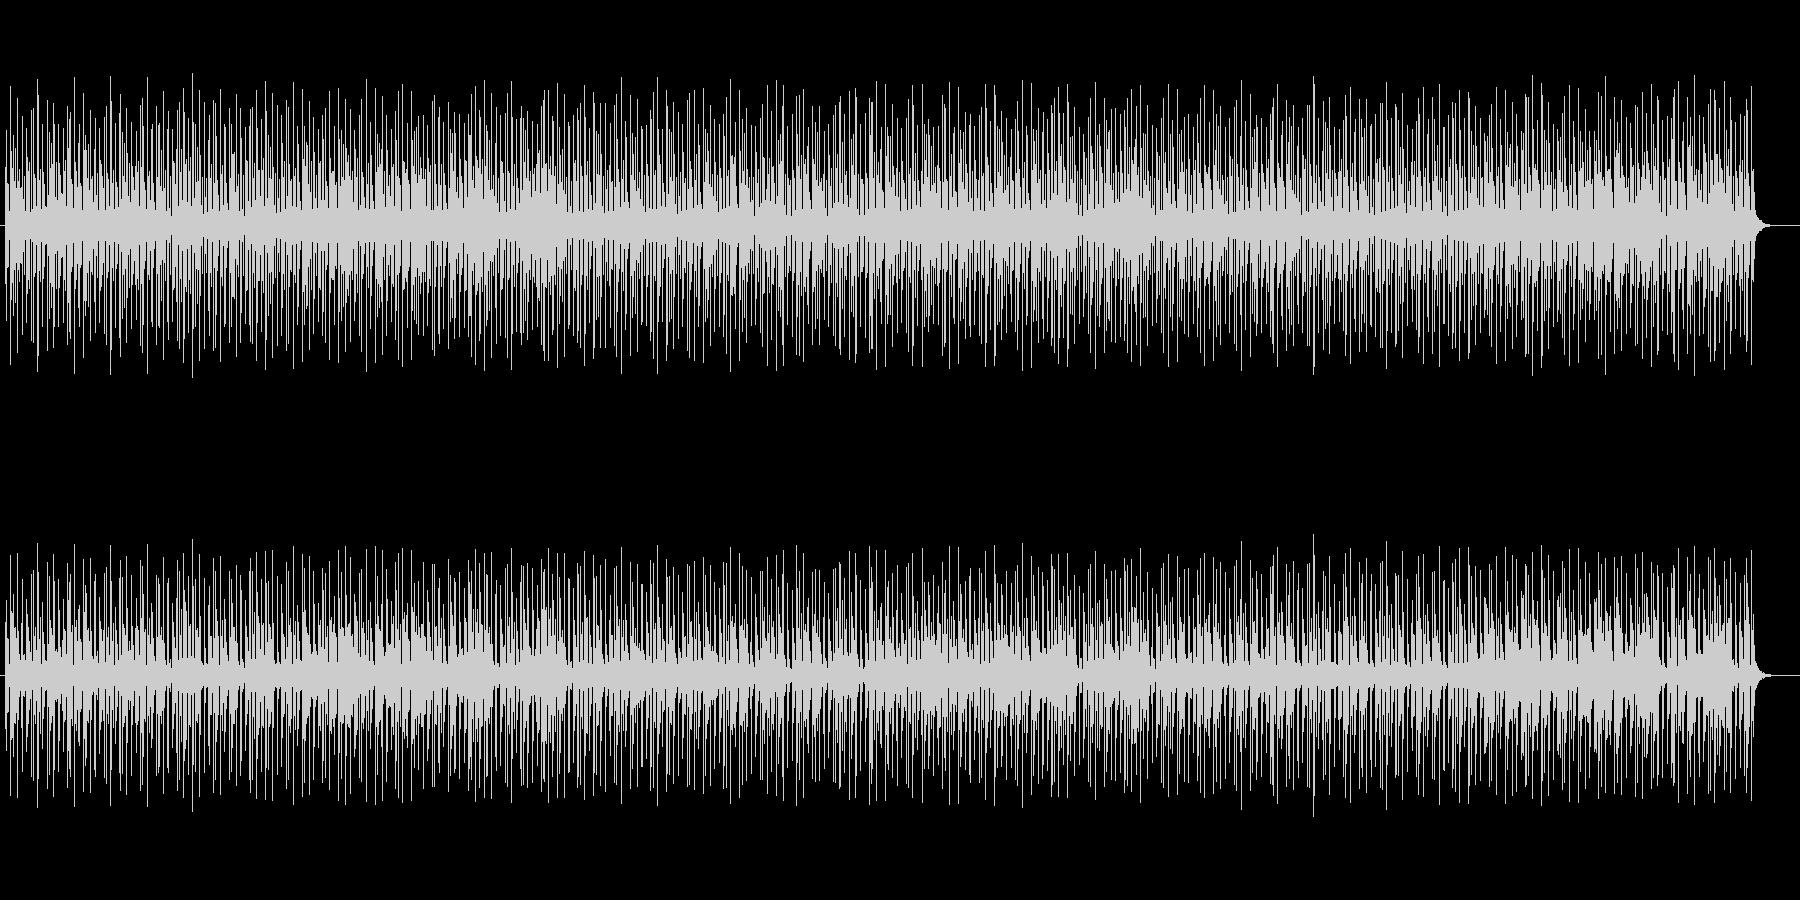 幻想的で神秘的なスピリチュアルサウンドの未再生の波形